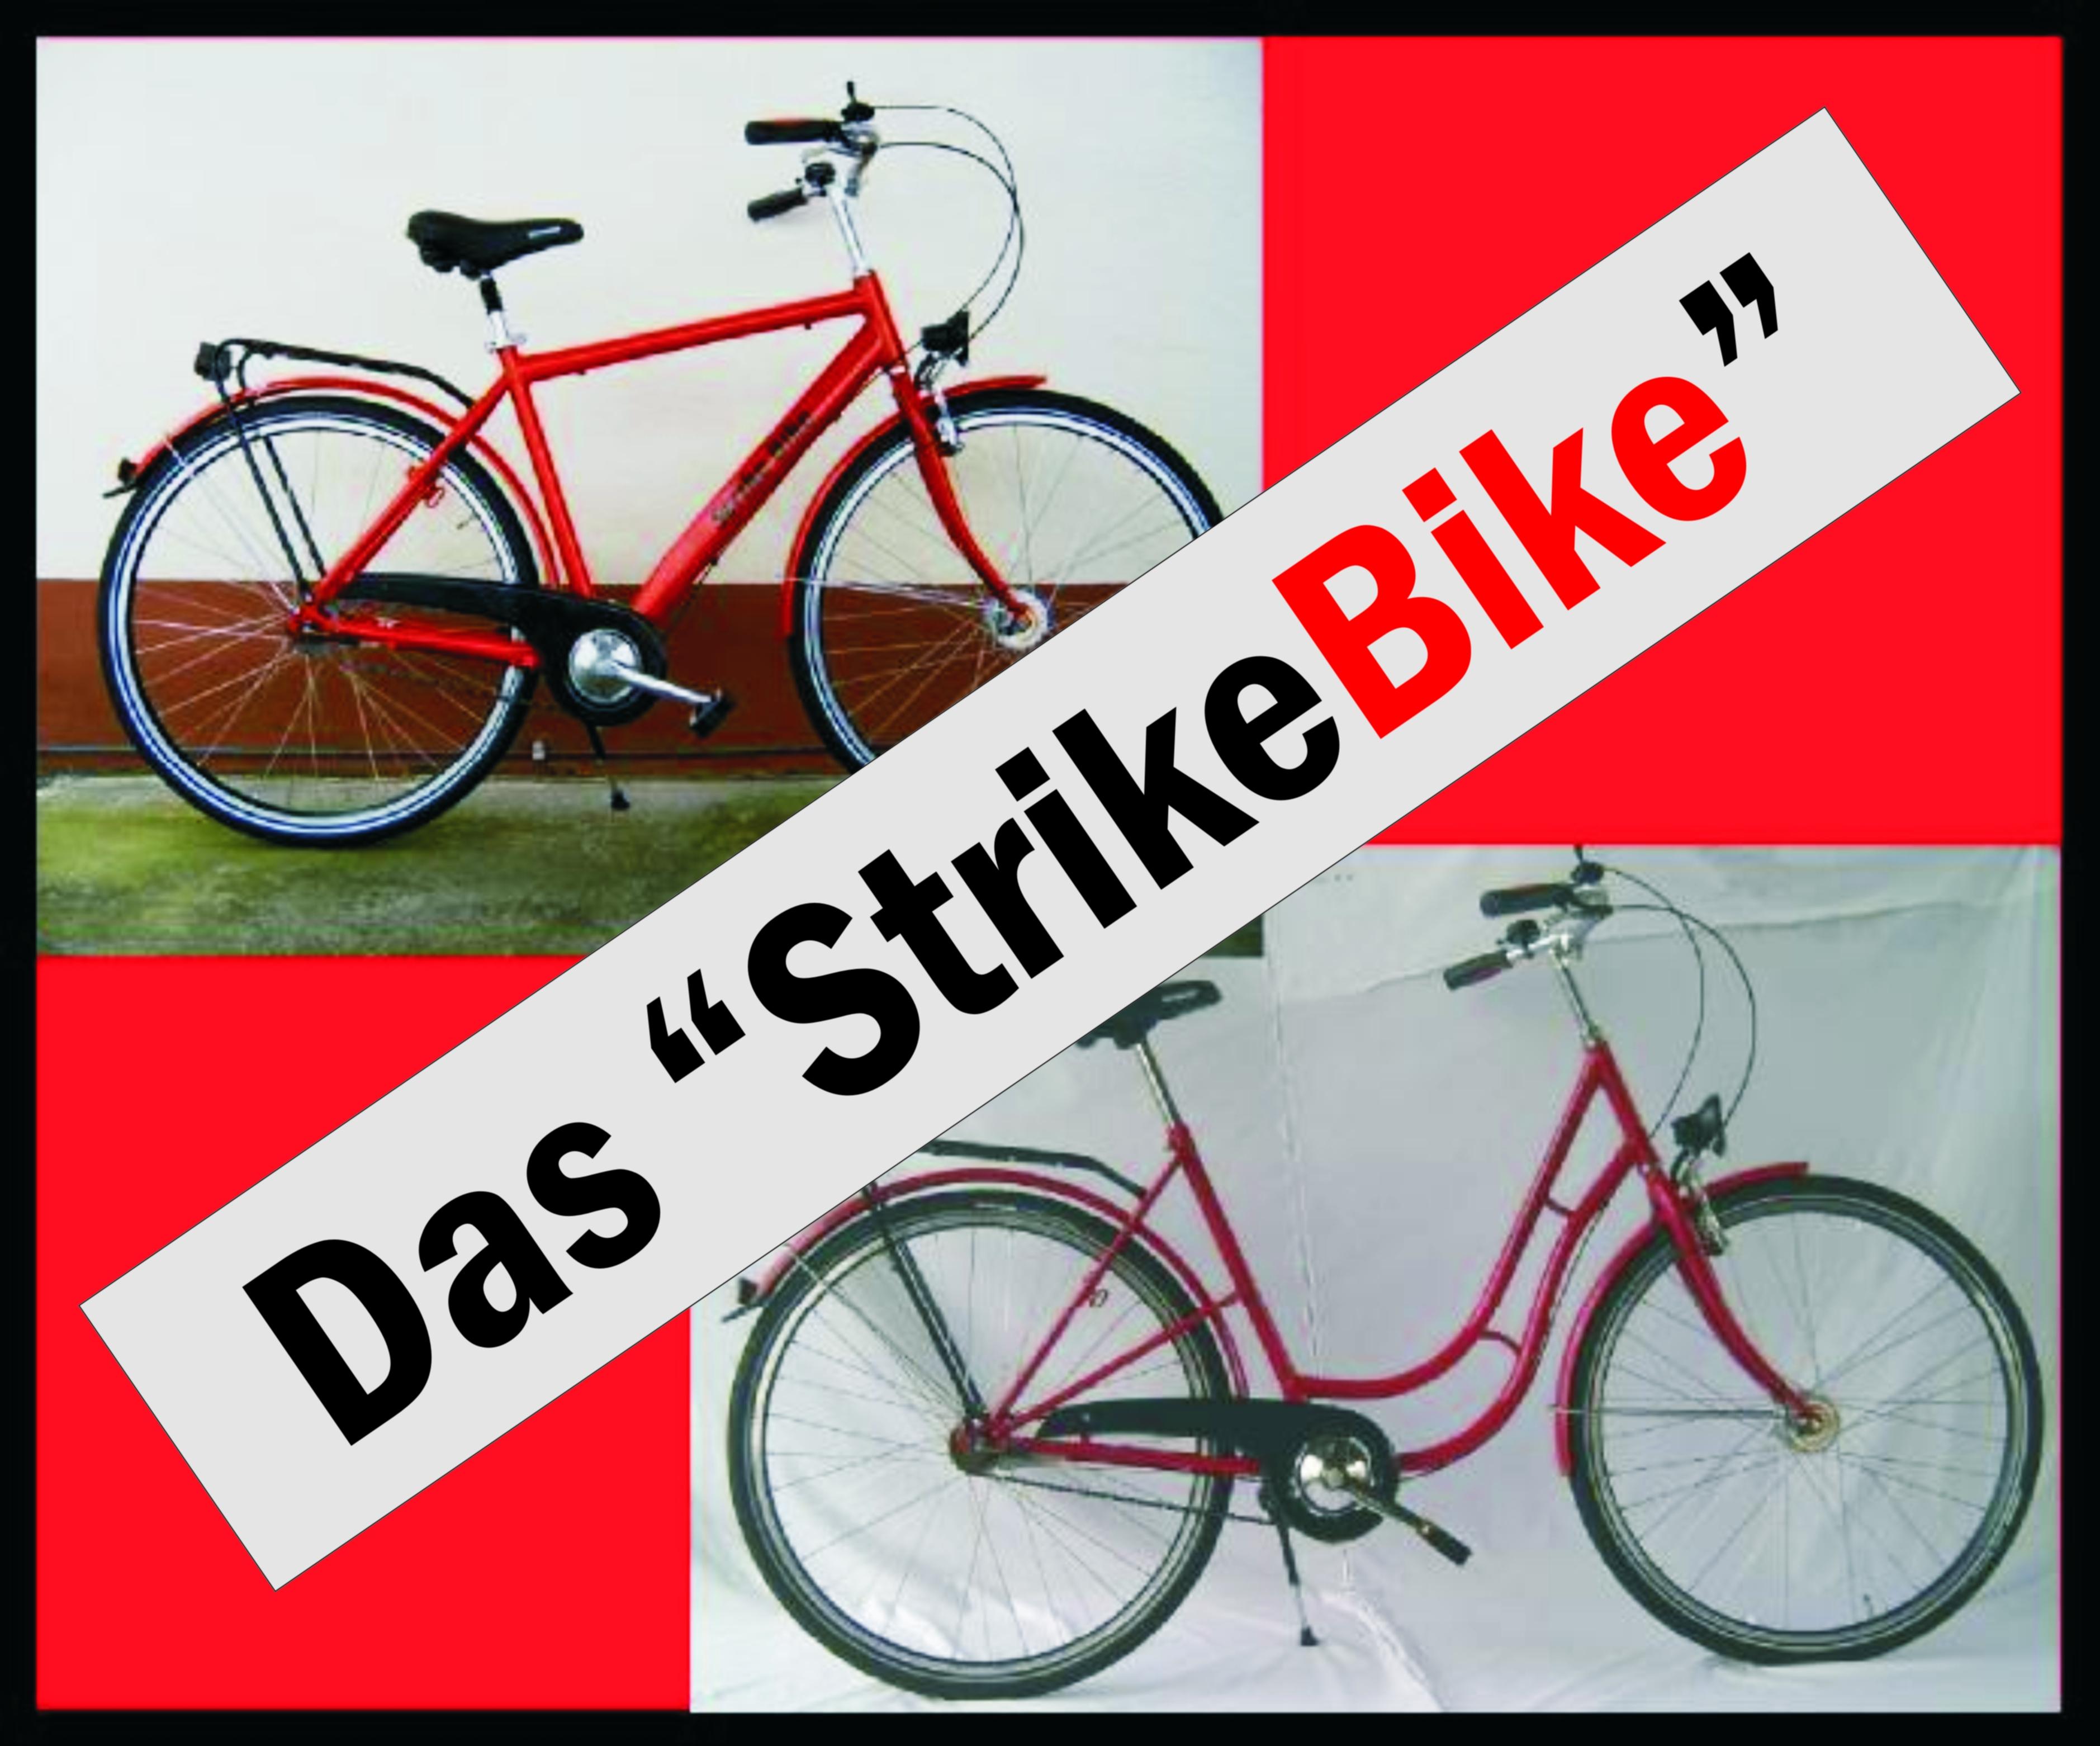 StrikeBike